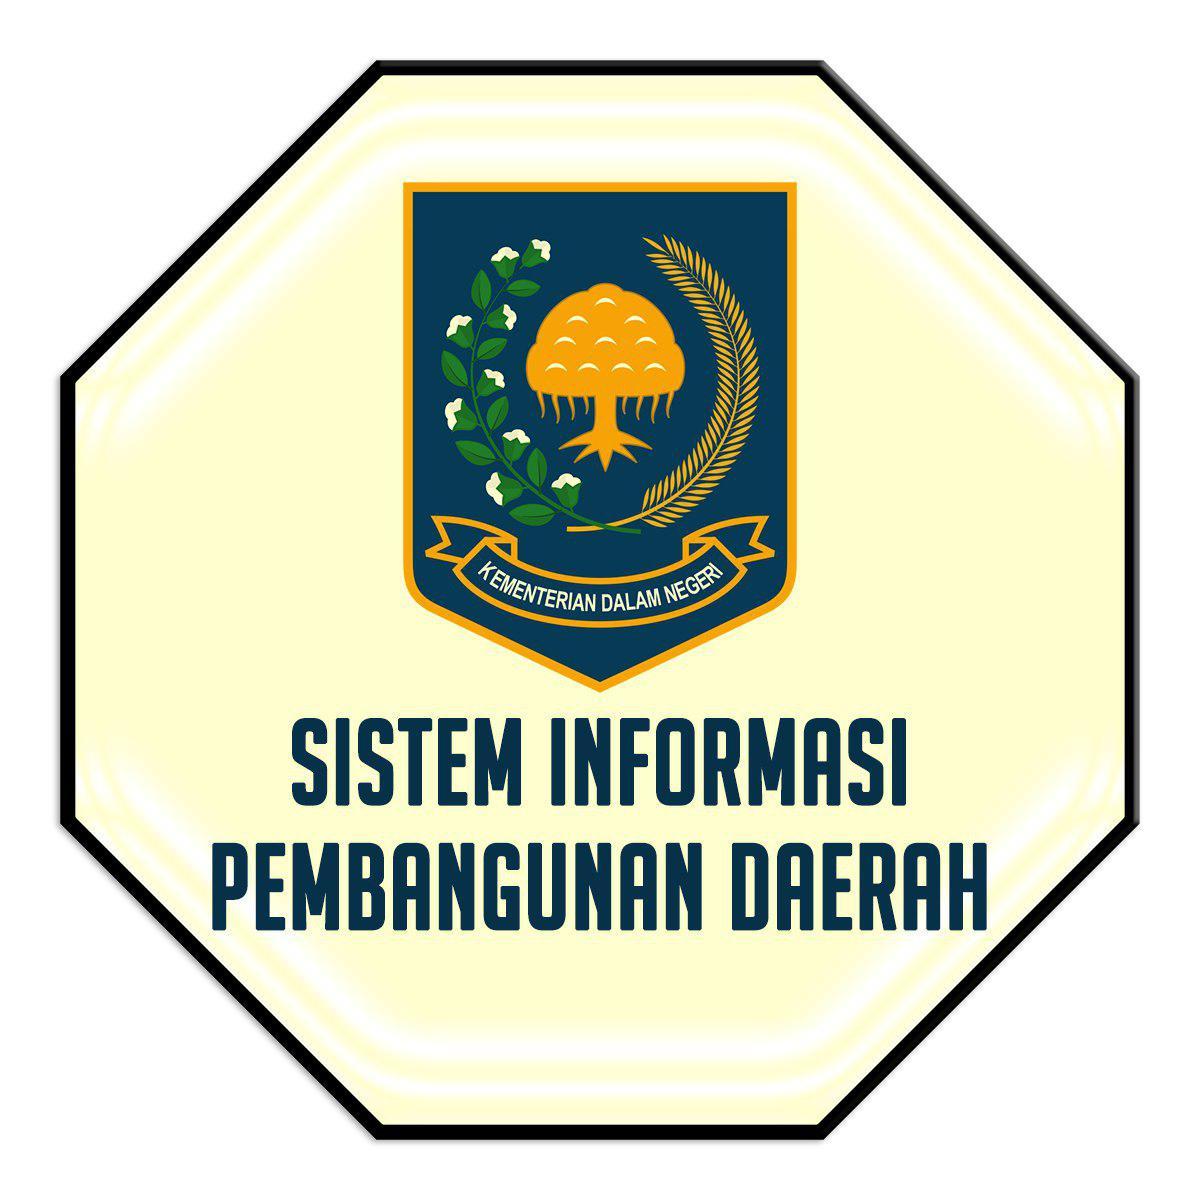 Sistem Informasi Pembangunan Daerah